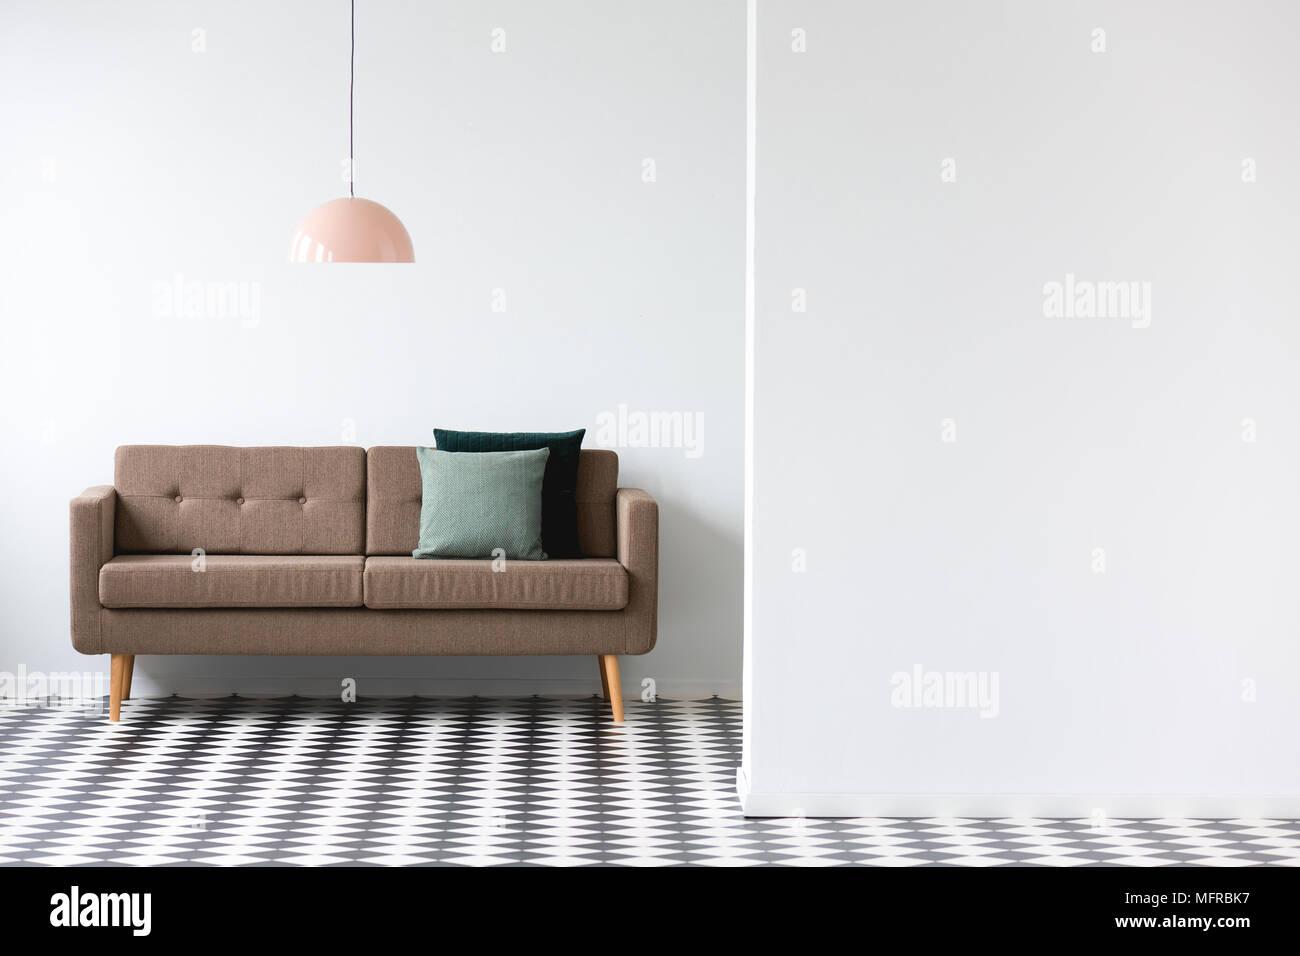 Braun Couch Unter Rosa Lampe In Minimalen Wohnzimmer Interieur Mit Kopie  Speicherplatz Auf Der Weißen Wand